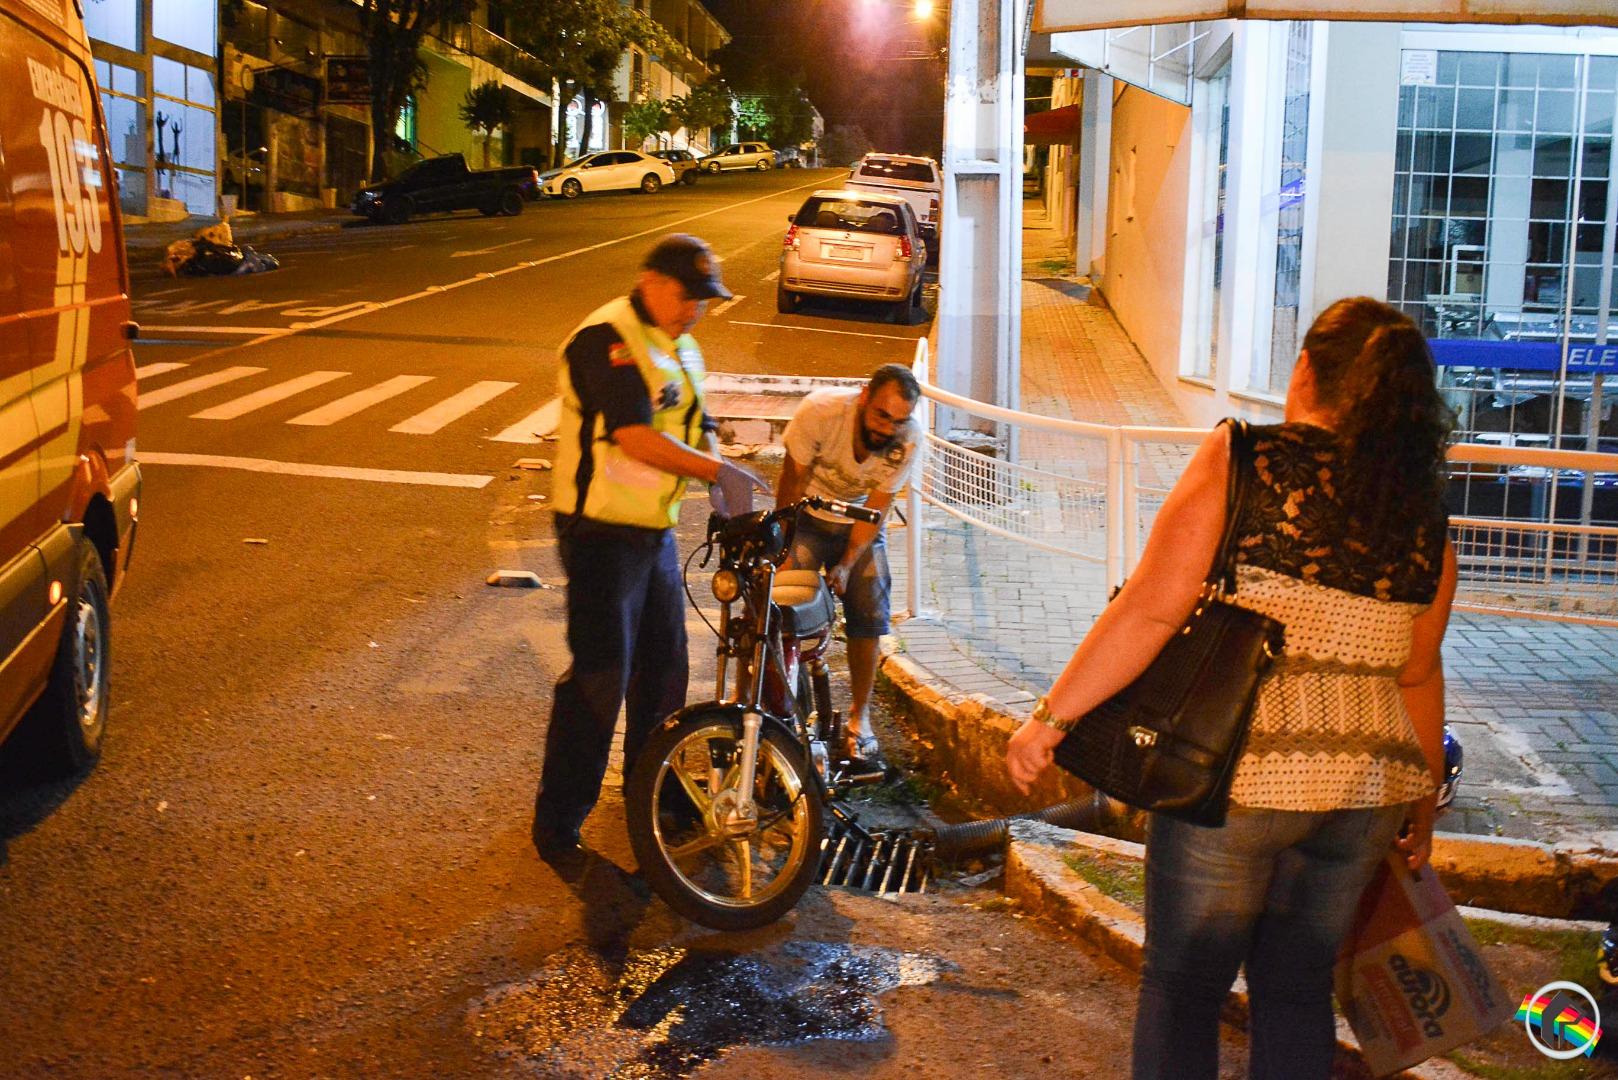 Adolescente sofre ferimentos em queda de ciclomotor